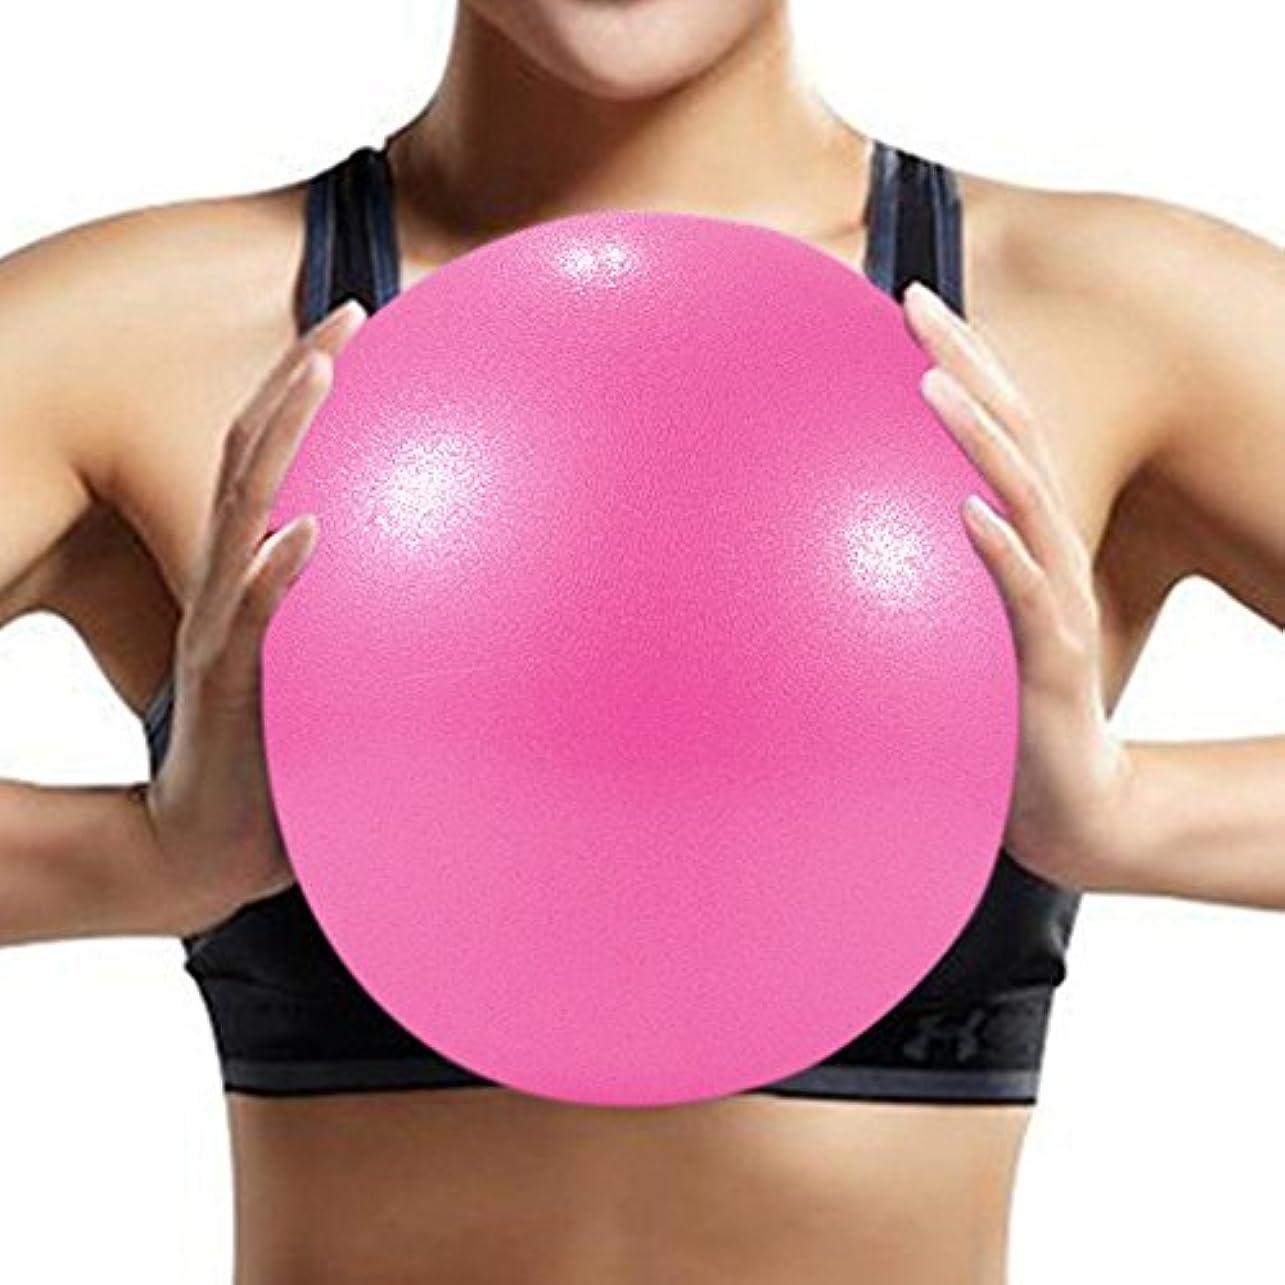 うそつき空虚着替えるRefaxi ピンクヨガマッサージボール25cmエクササイズピラティスバランス体操練習フィットネスボール